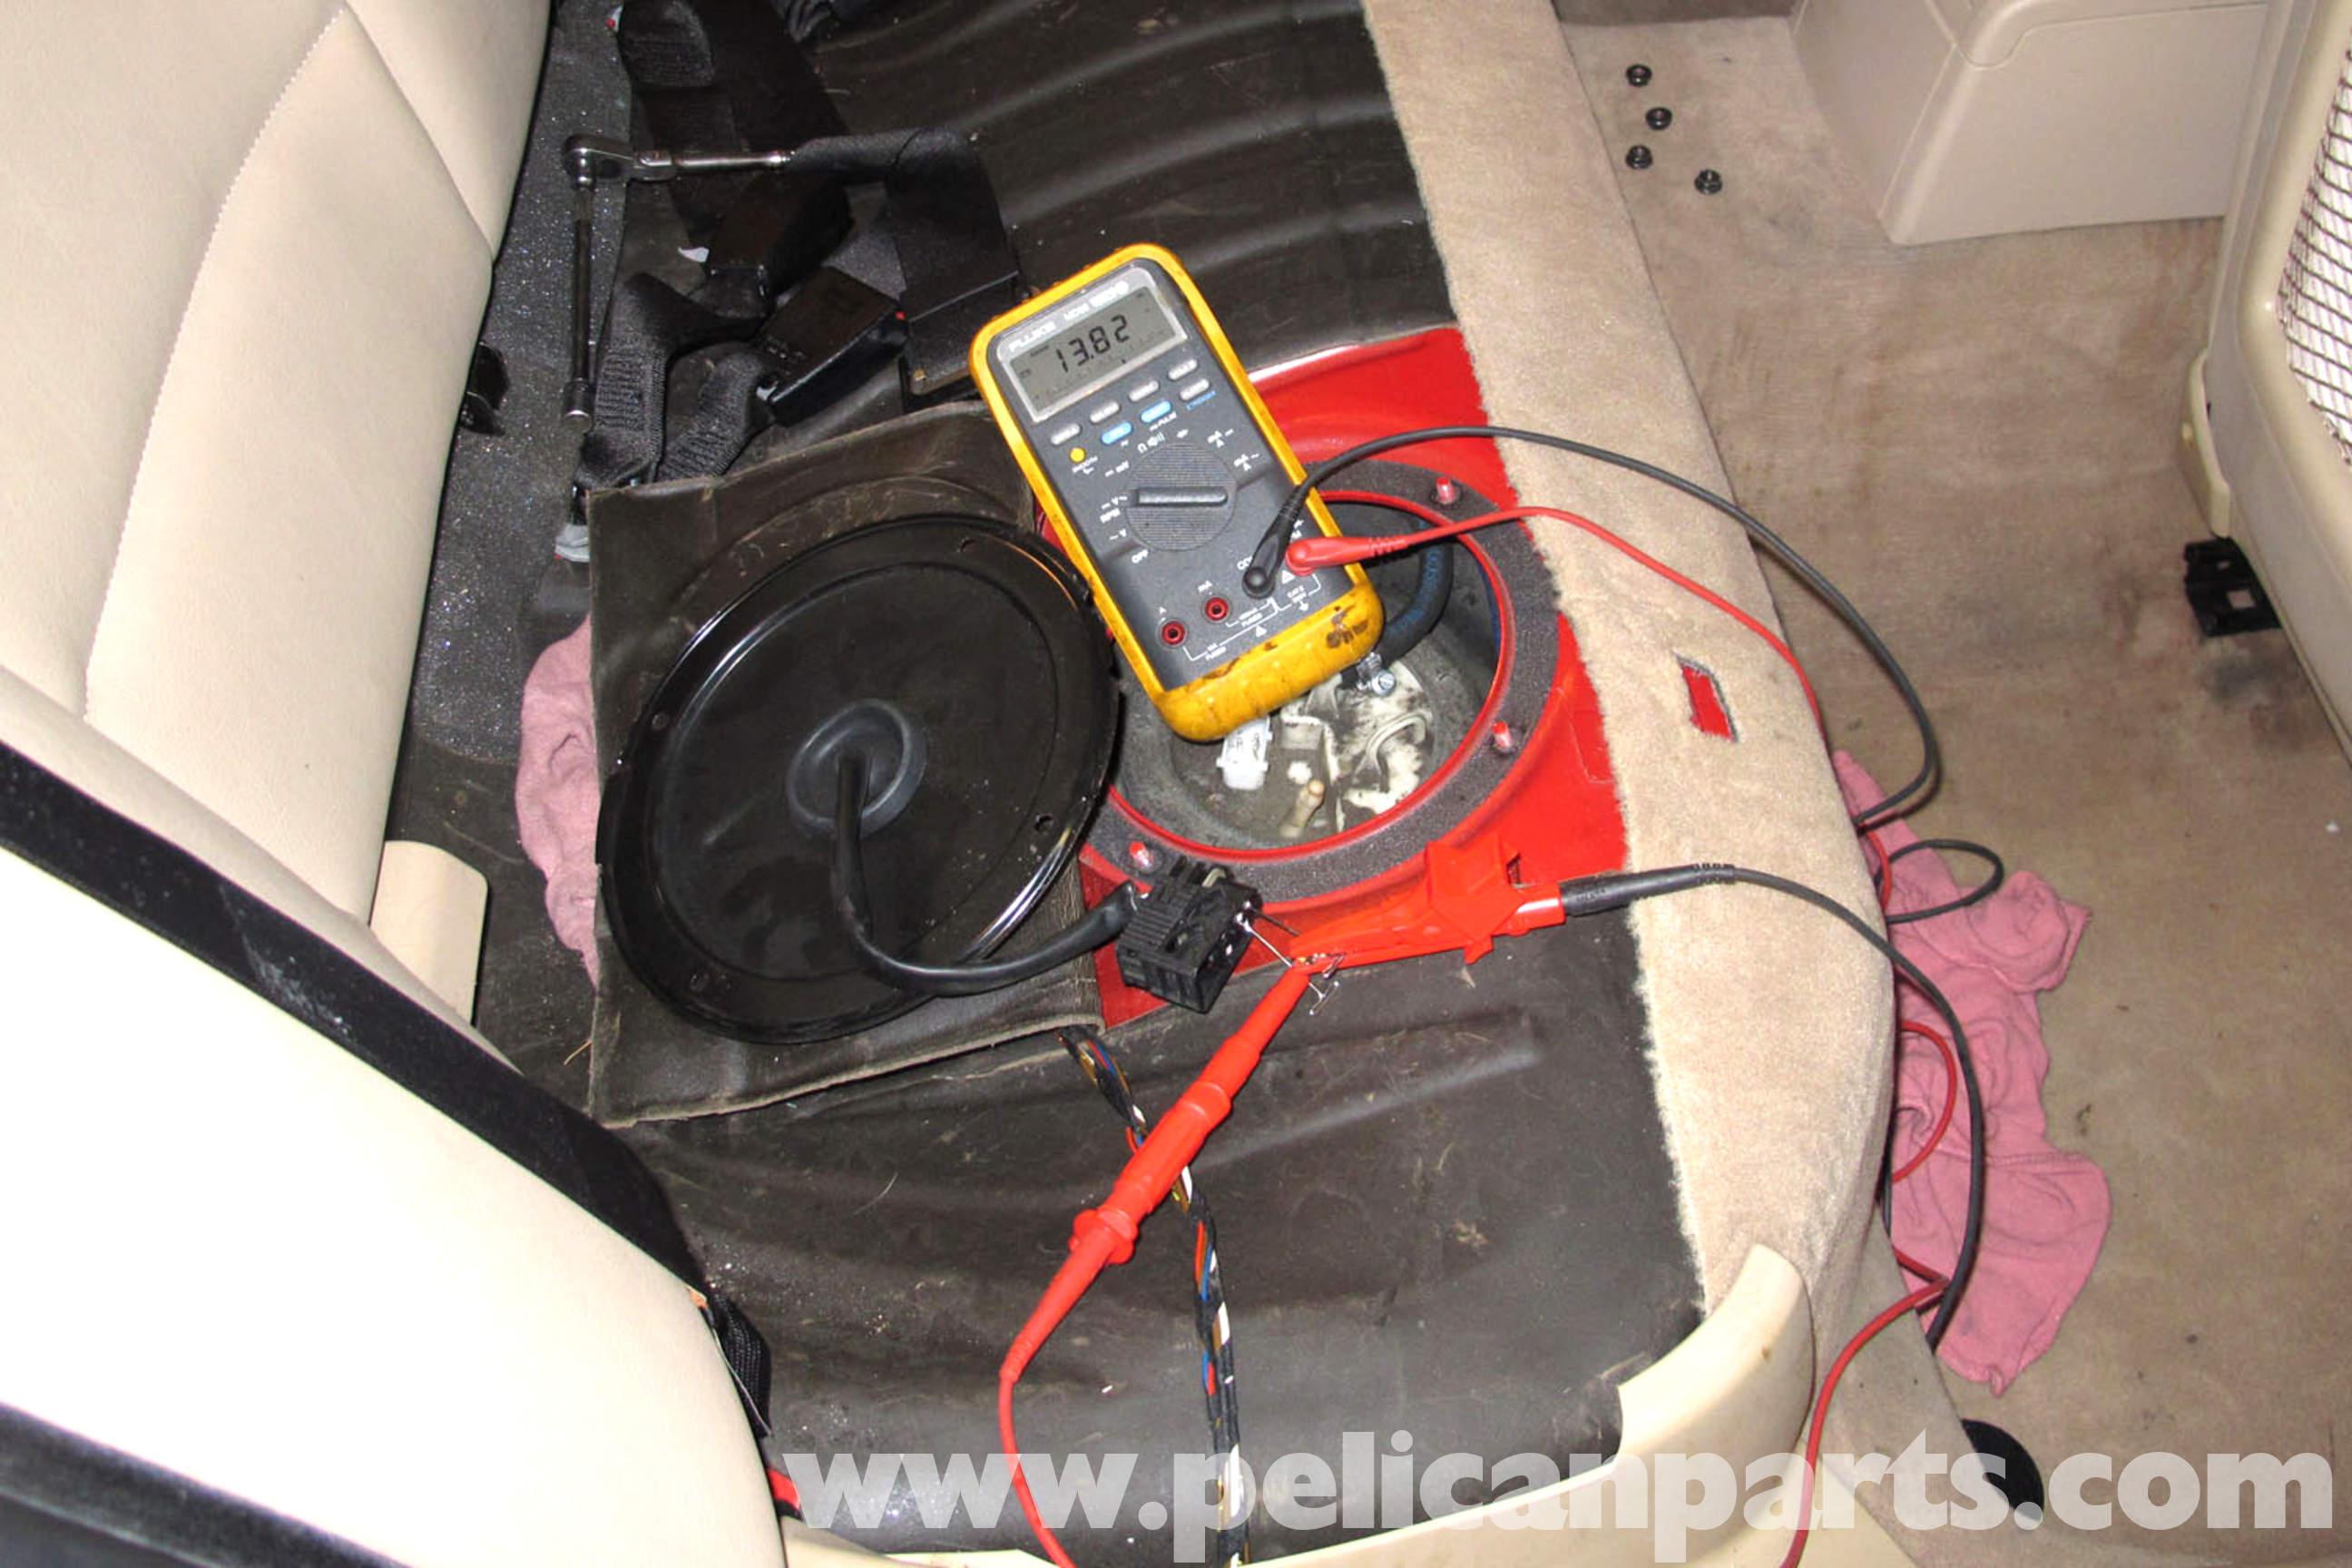 Bosch Fuel Gauge Wiring Diagram Bmw E46 Fuel Pump Testing Bmw 325i 2001 2005 Bmw